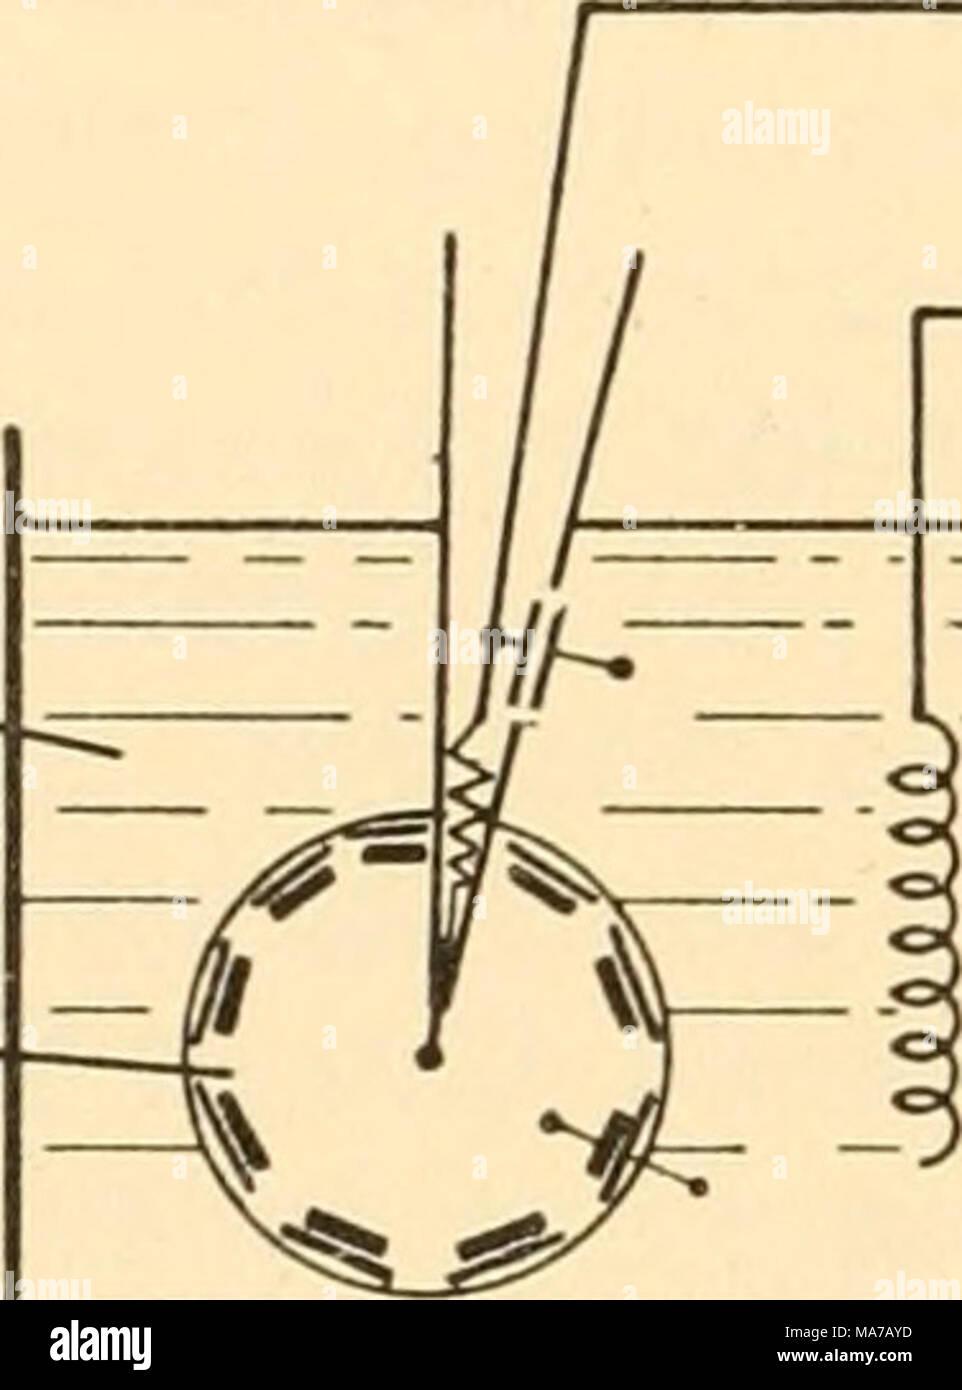 Circuito X : Aparatos electrónicos para la investigación biológica . amplificador